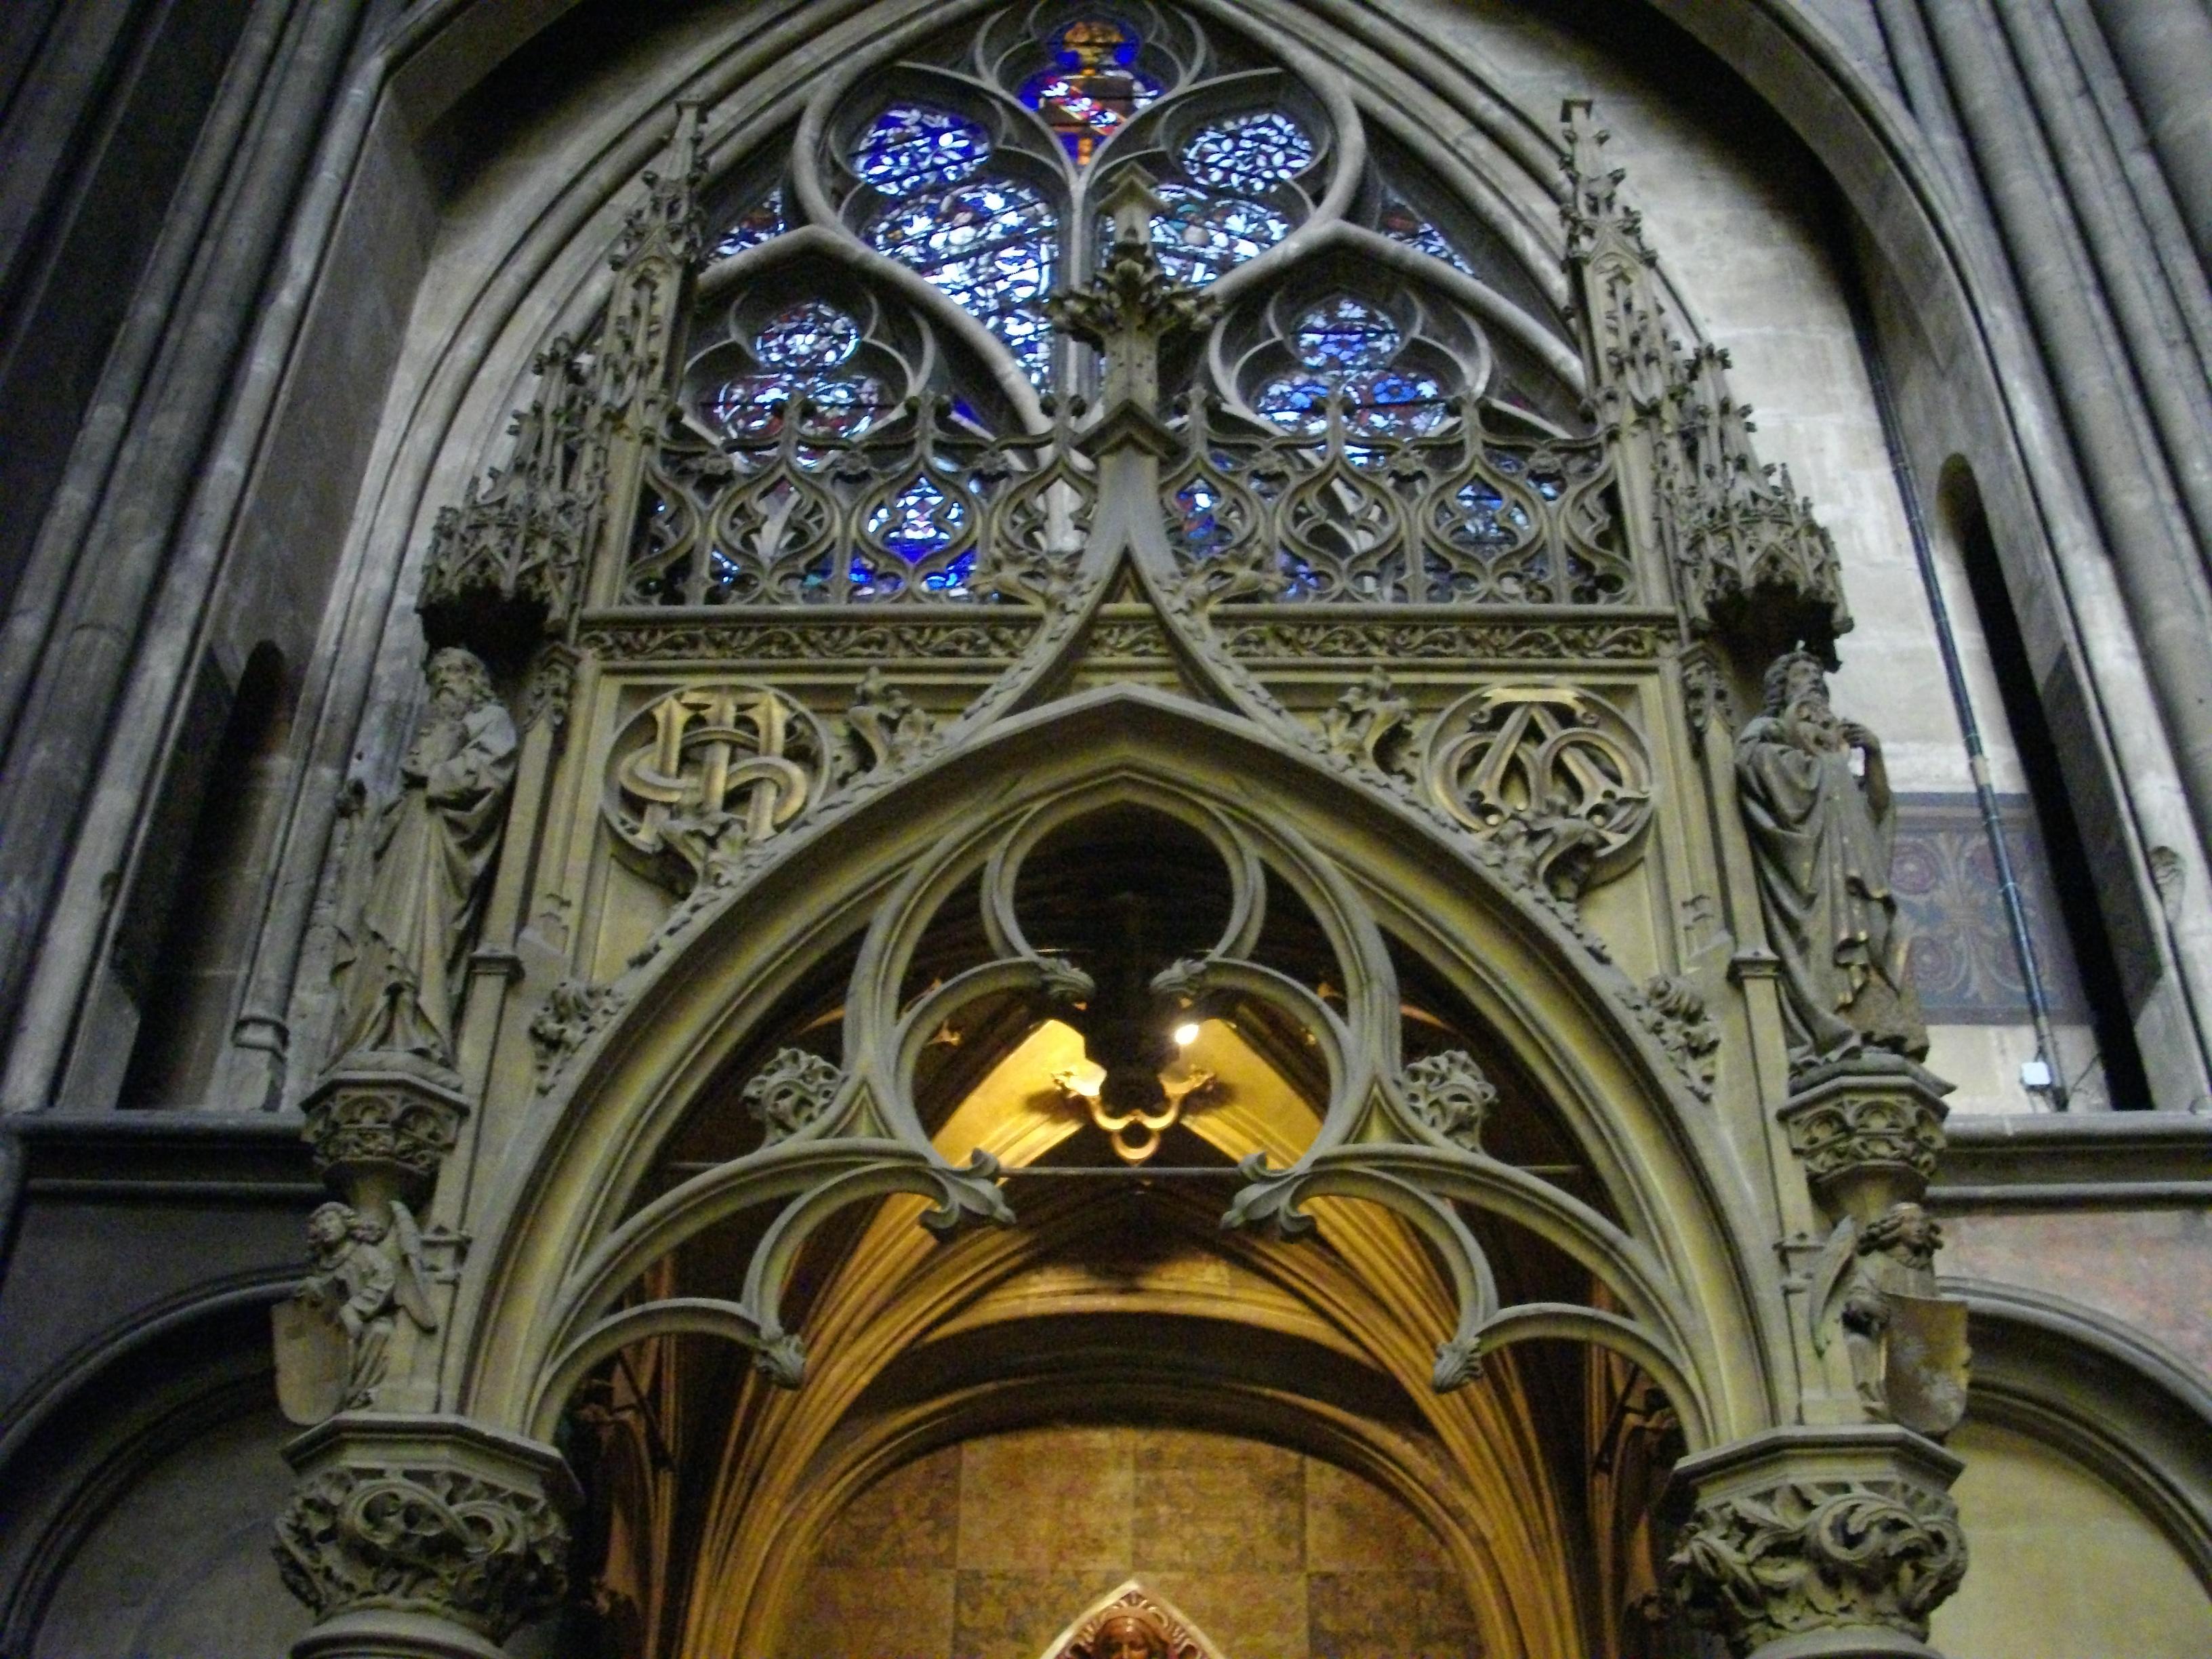 File:Cathédrale de Metz - intérieur (05).JPG - Wikimedia Commons